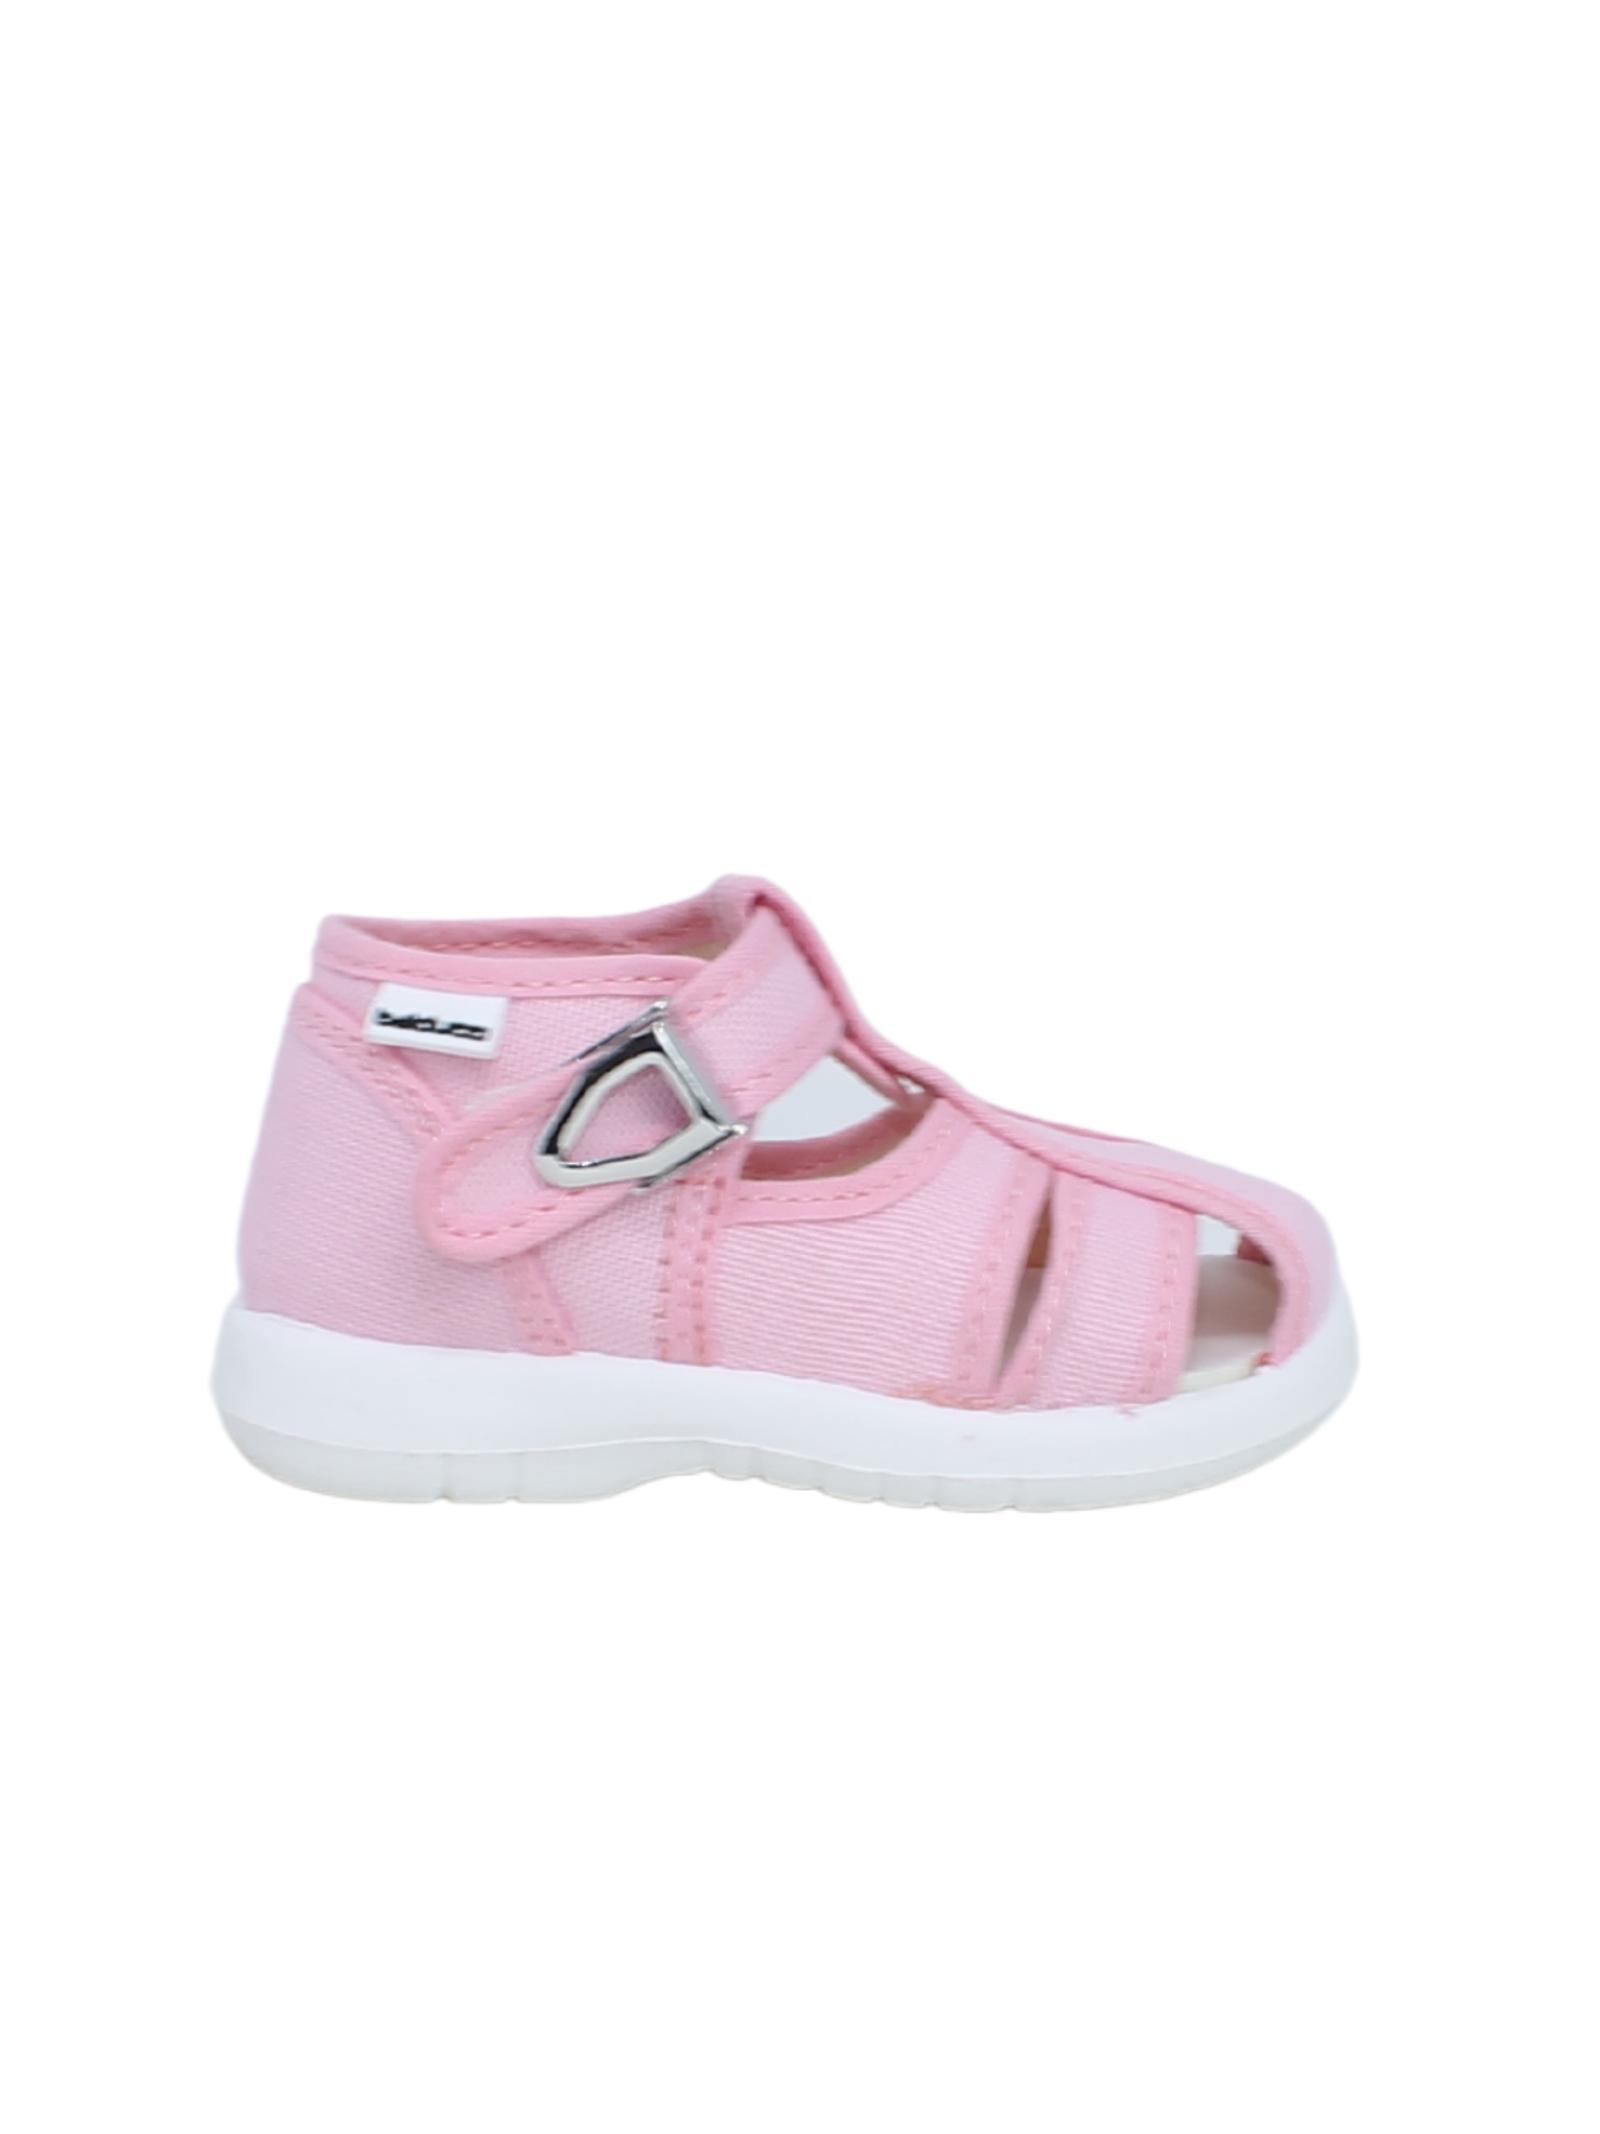 BALDUCCI | closed sandals | CITA4650B13750